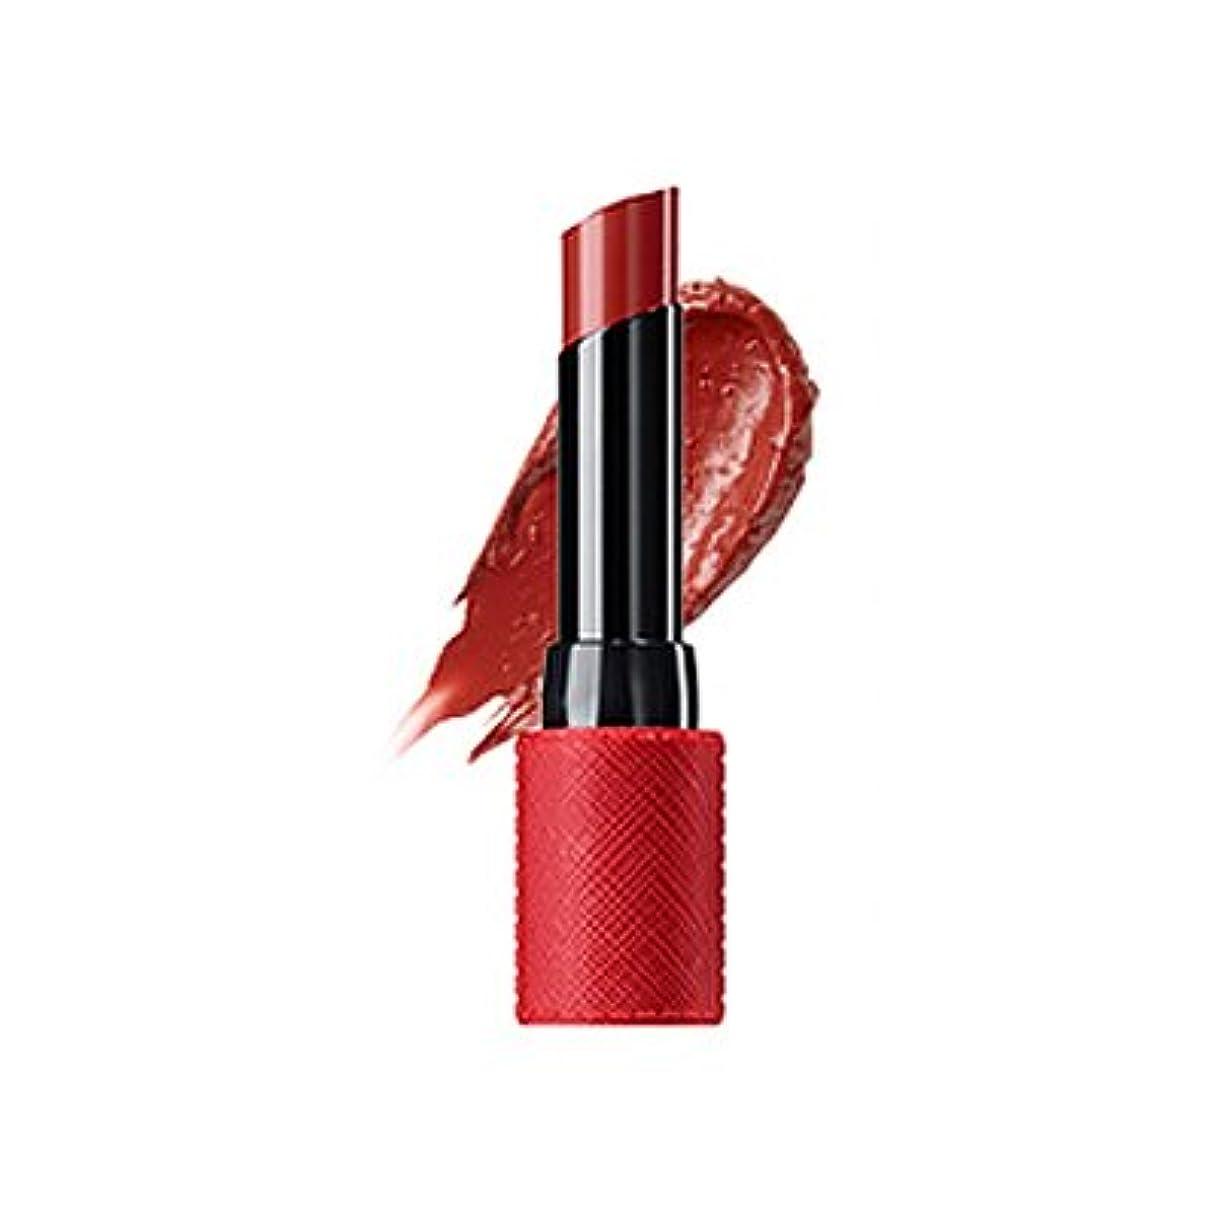 【The Saem】ザセム キスホリック リップスティック S レッドブリック/Kissholic Lipstick S Red Brick / RD06